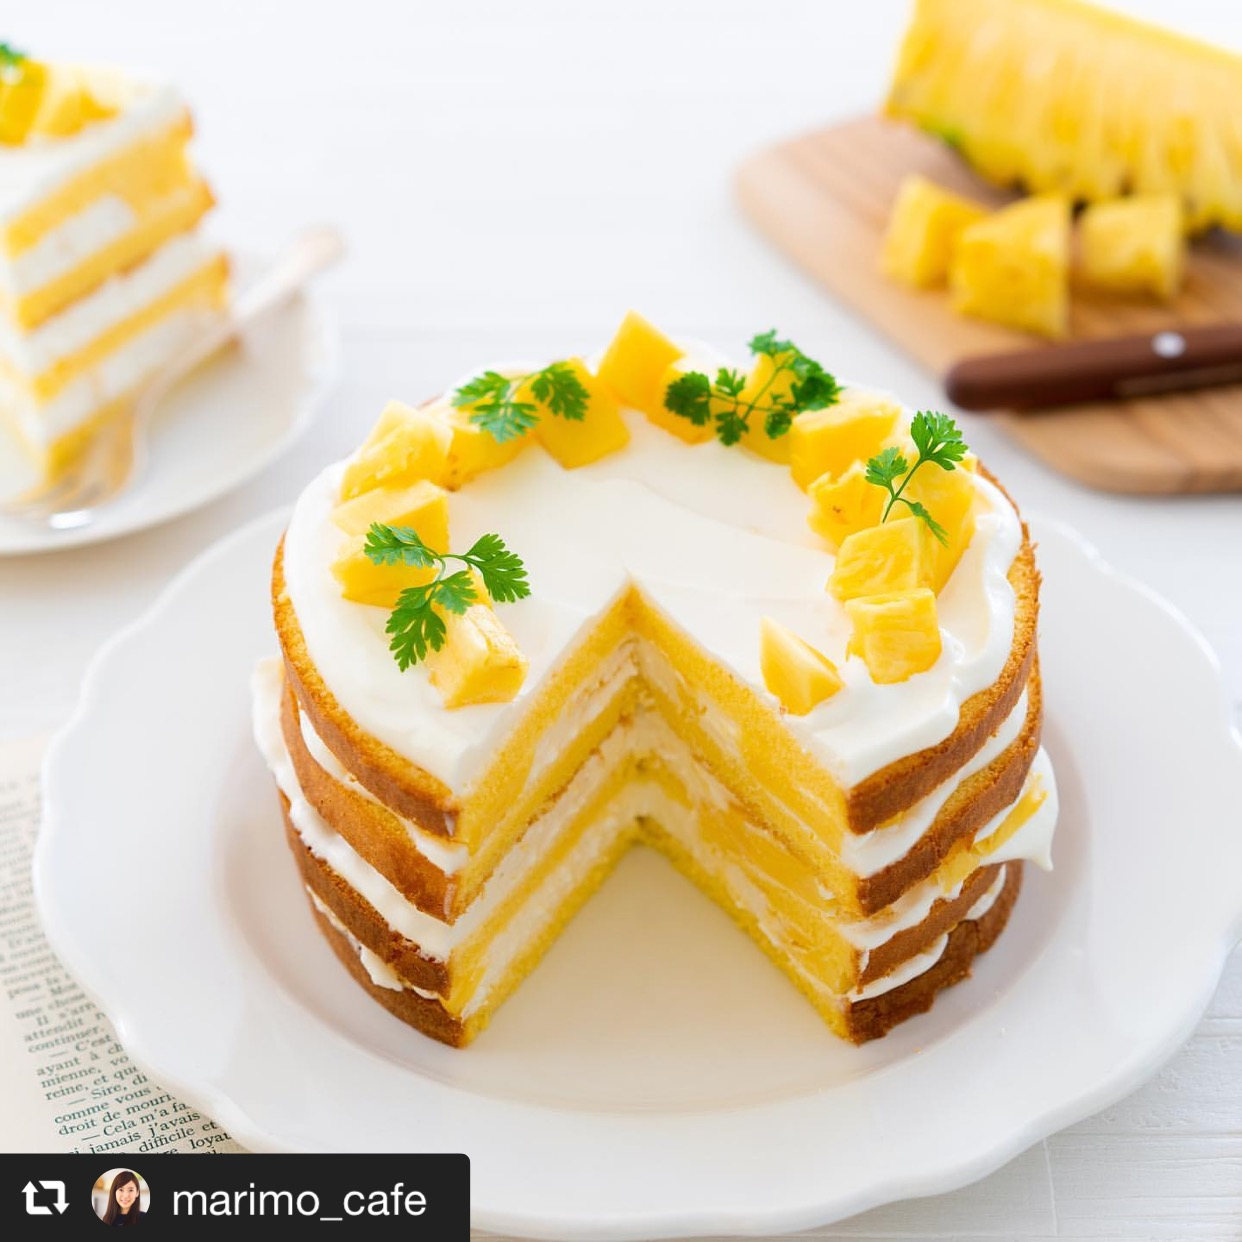 パイナップルのネイキッドショートケーキ 画像1